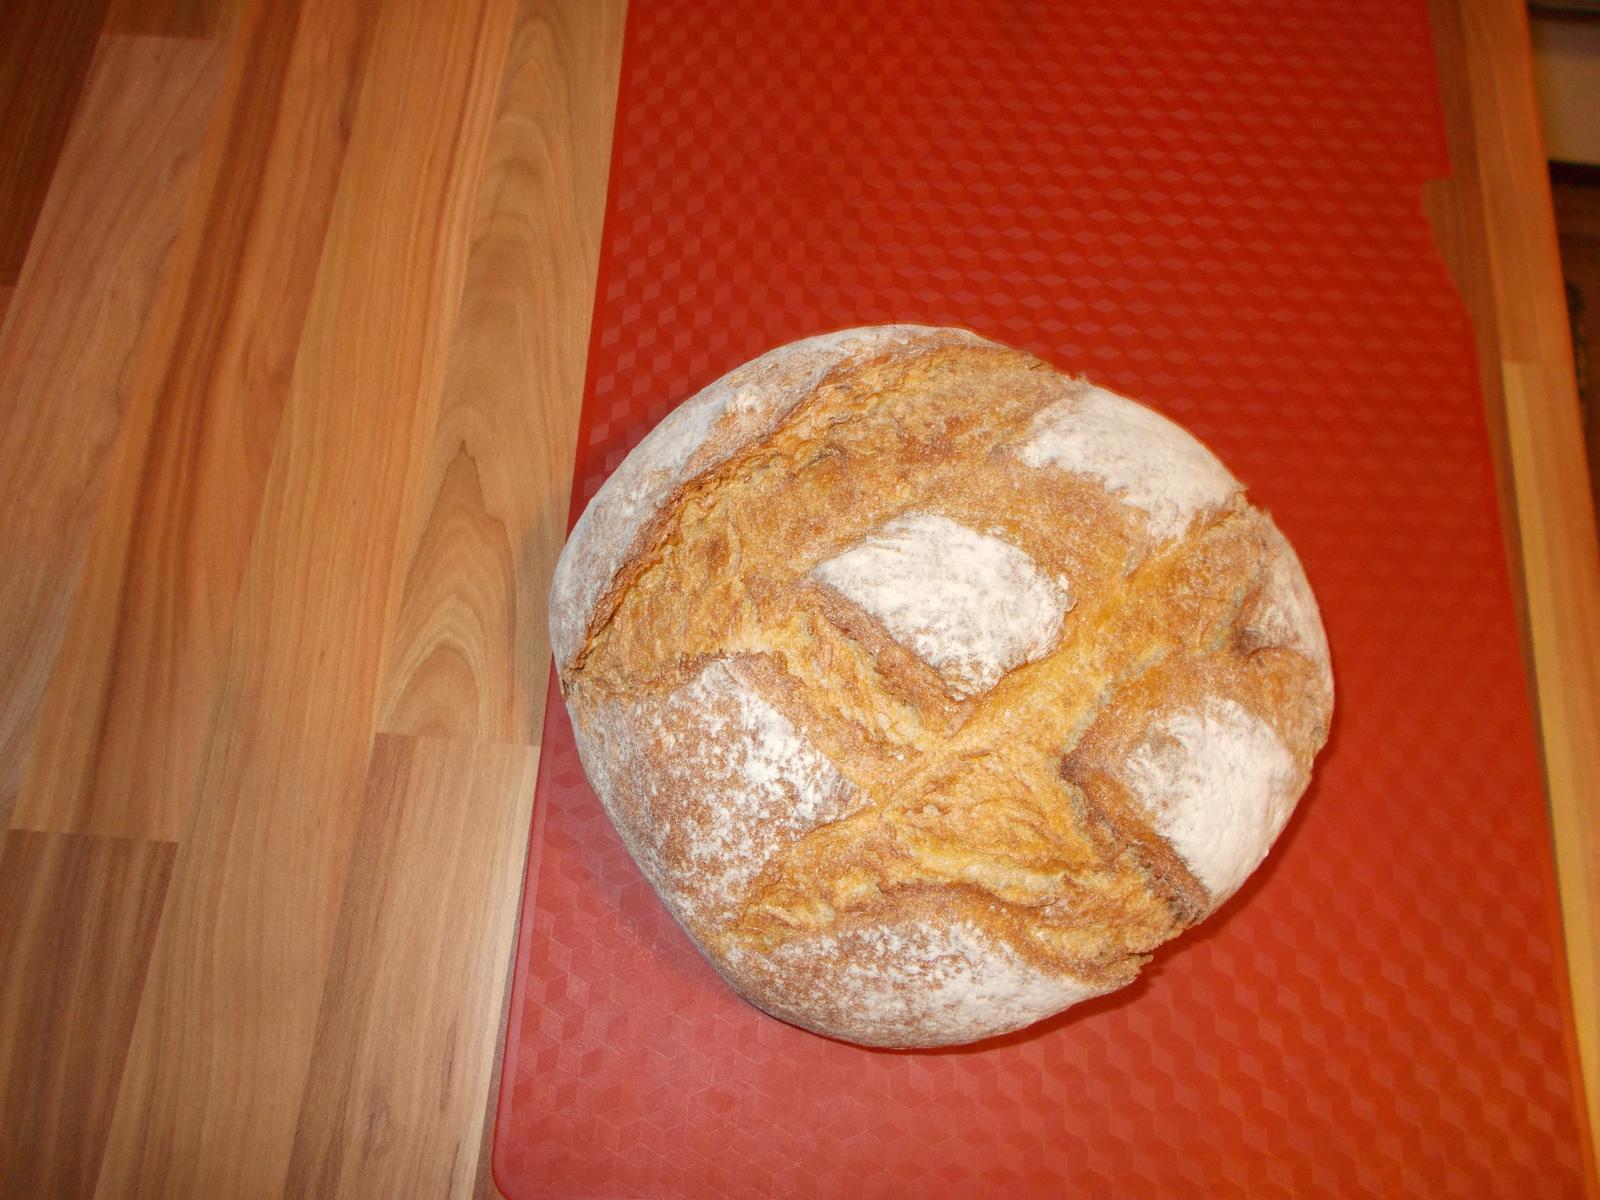 Pečení,vaření,grilování.....je libo něco dobrého do bříška ................ - Obrázek č. 69